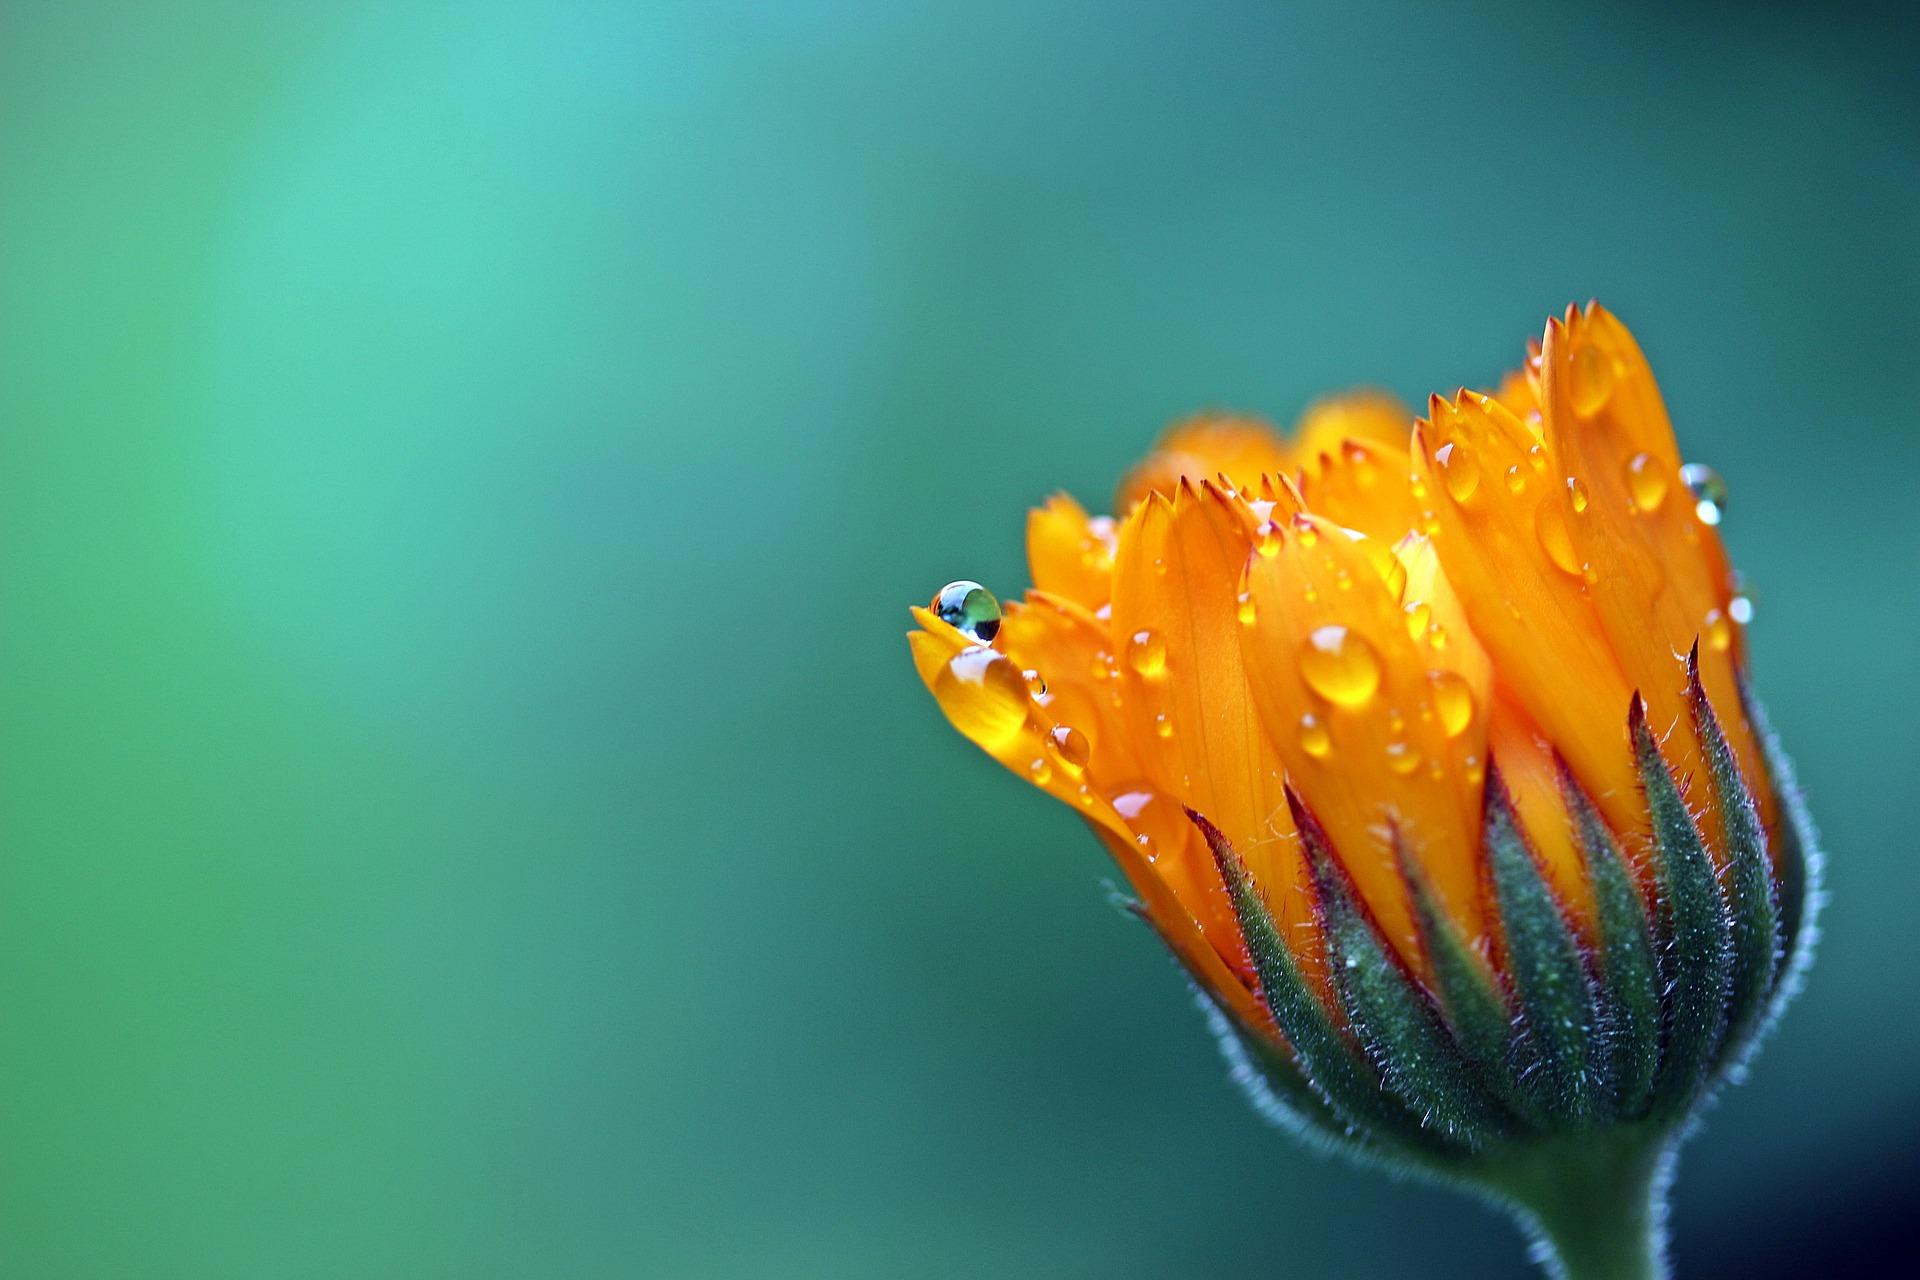 Même la couleur d'une plante peut apporter un message à notre corps